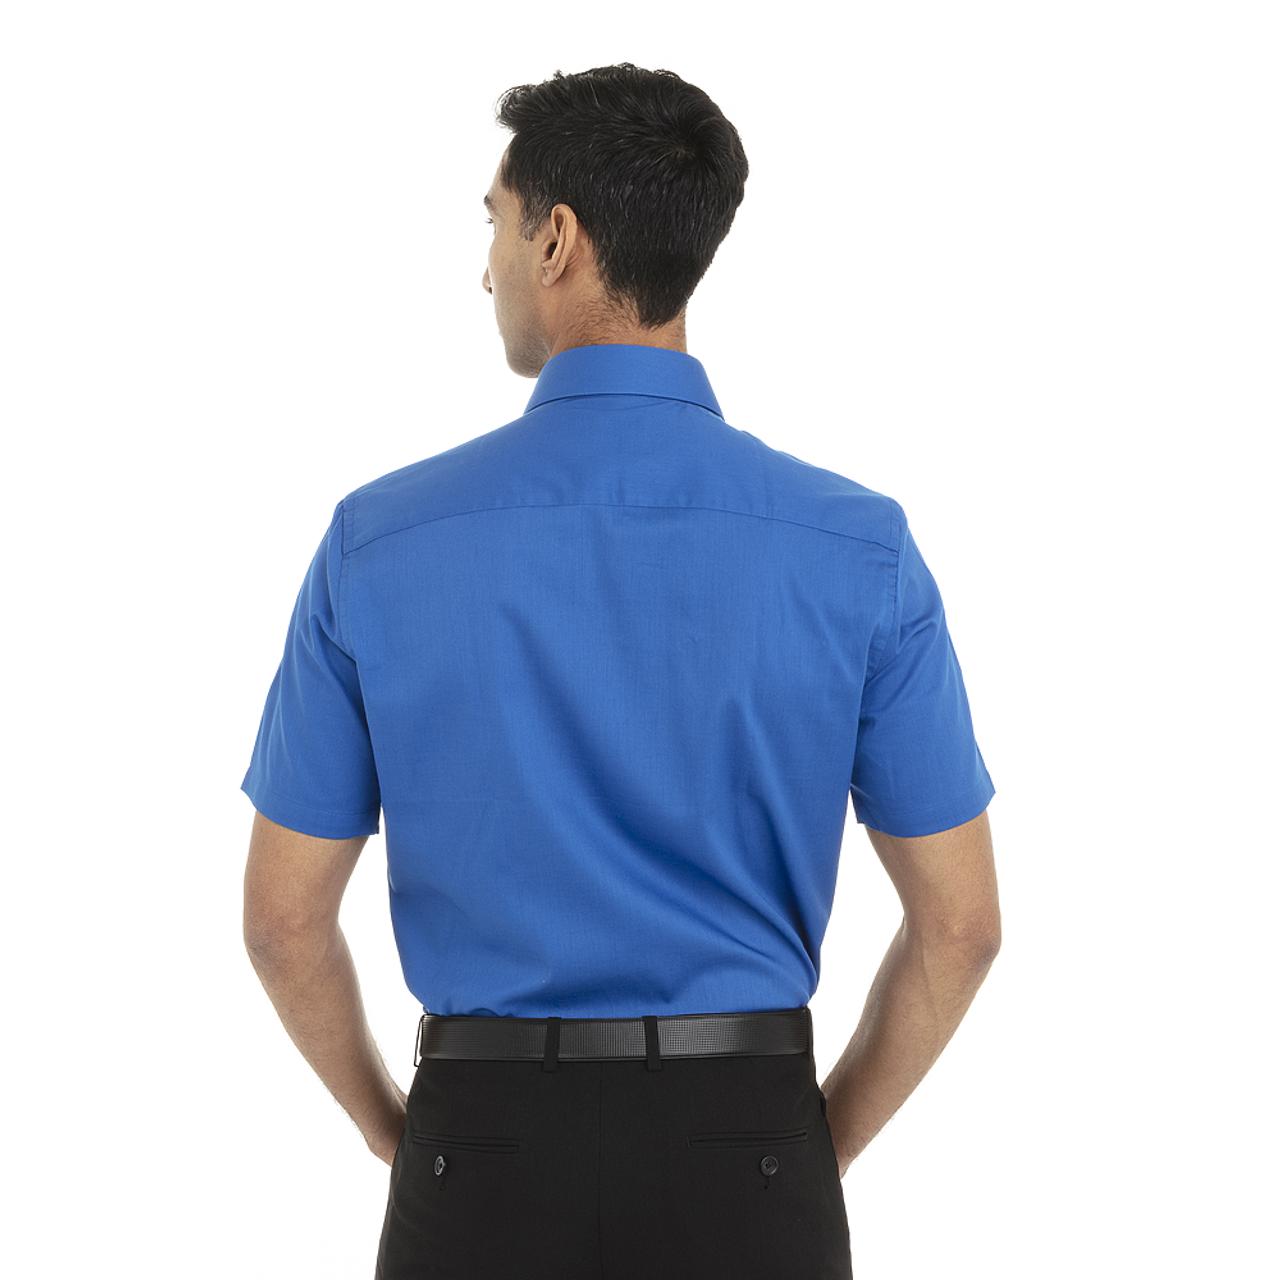 Ultra Blue - Back, 18CV317 Van Heusen Short Sleeve Dress Twill Shirt   T-shirt.ca